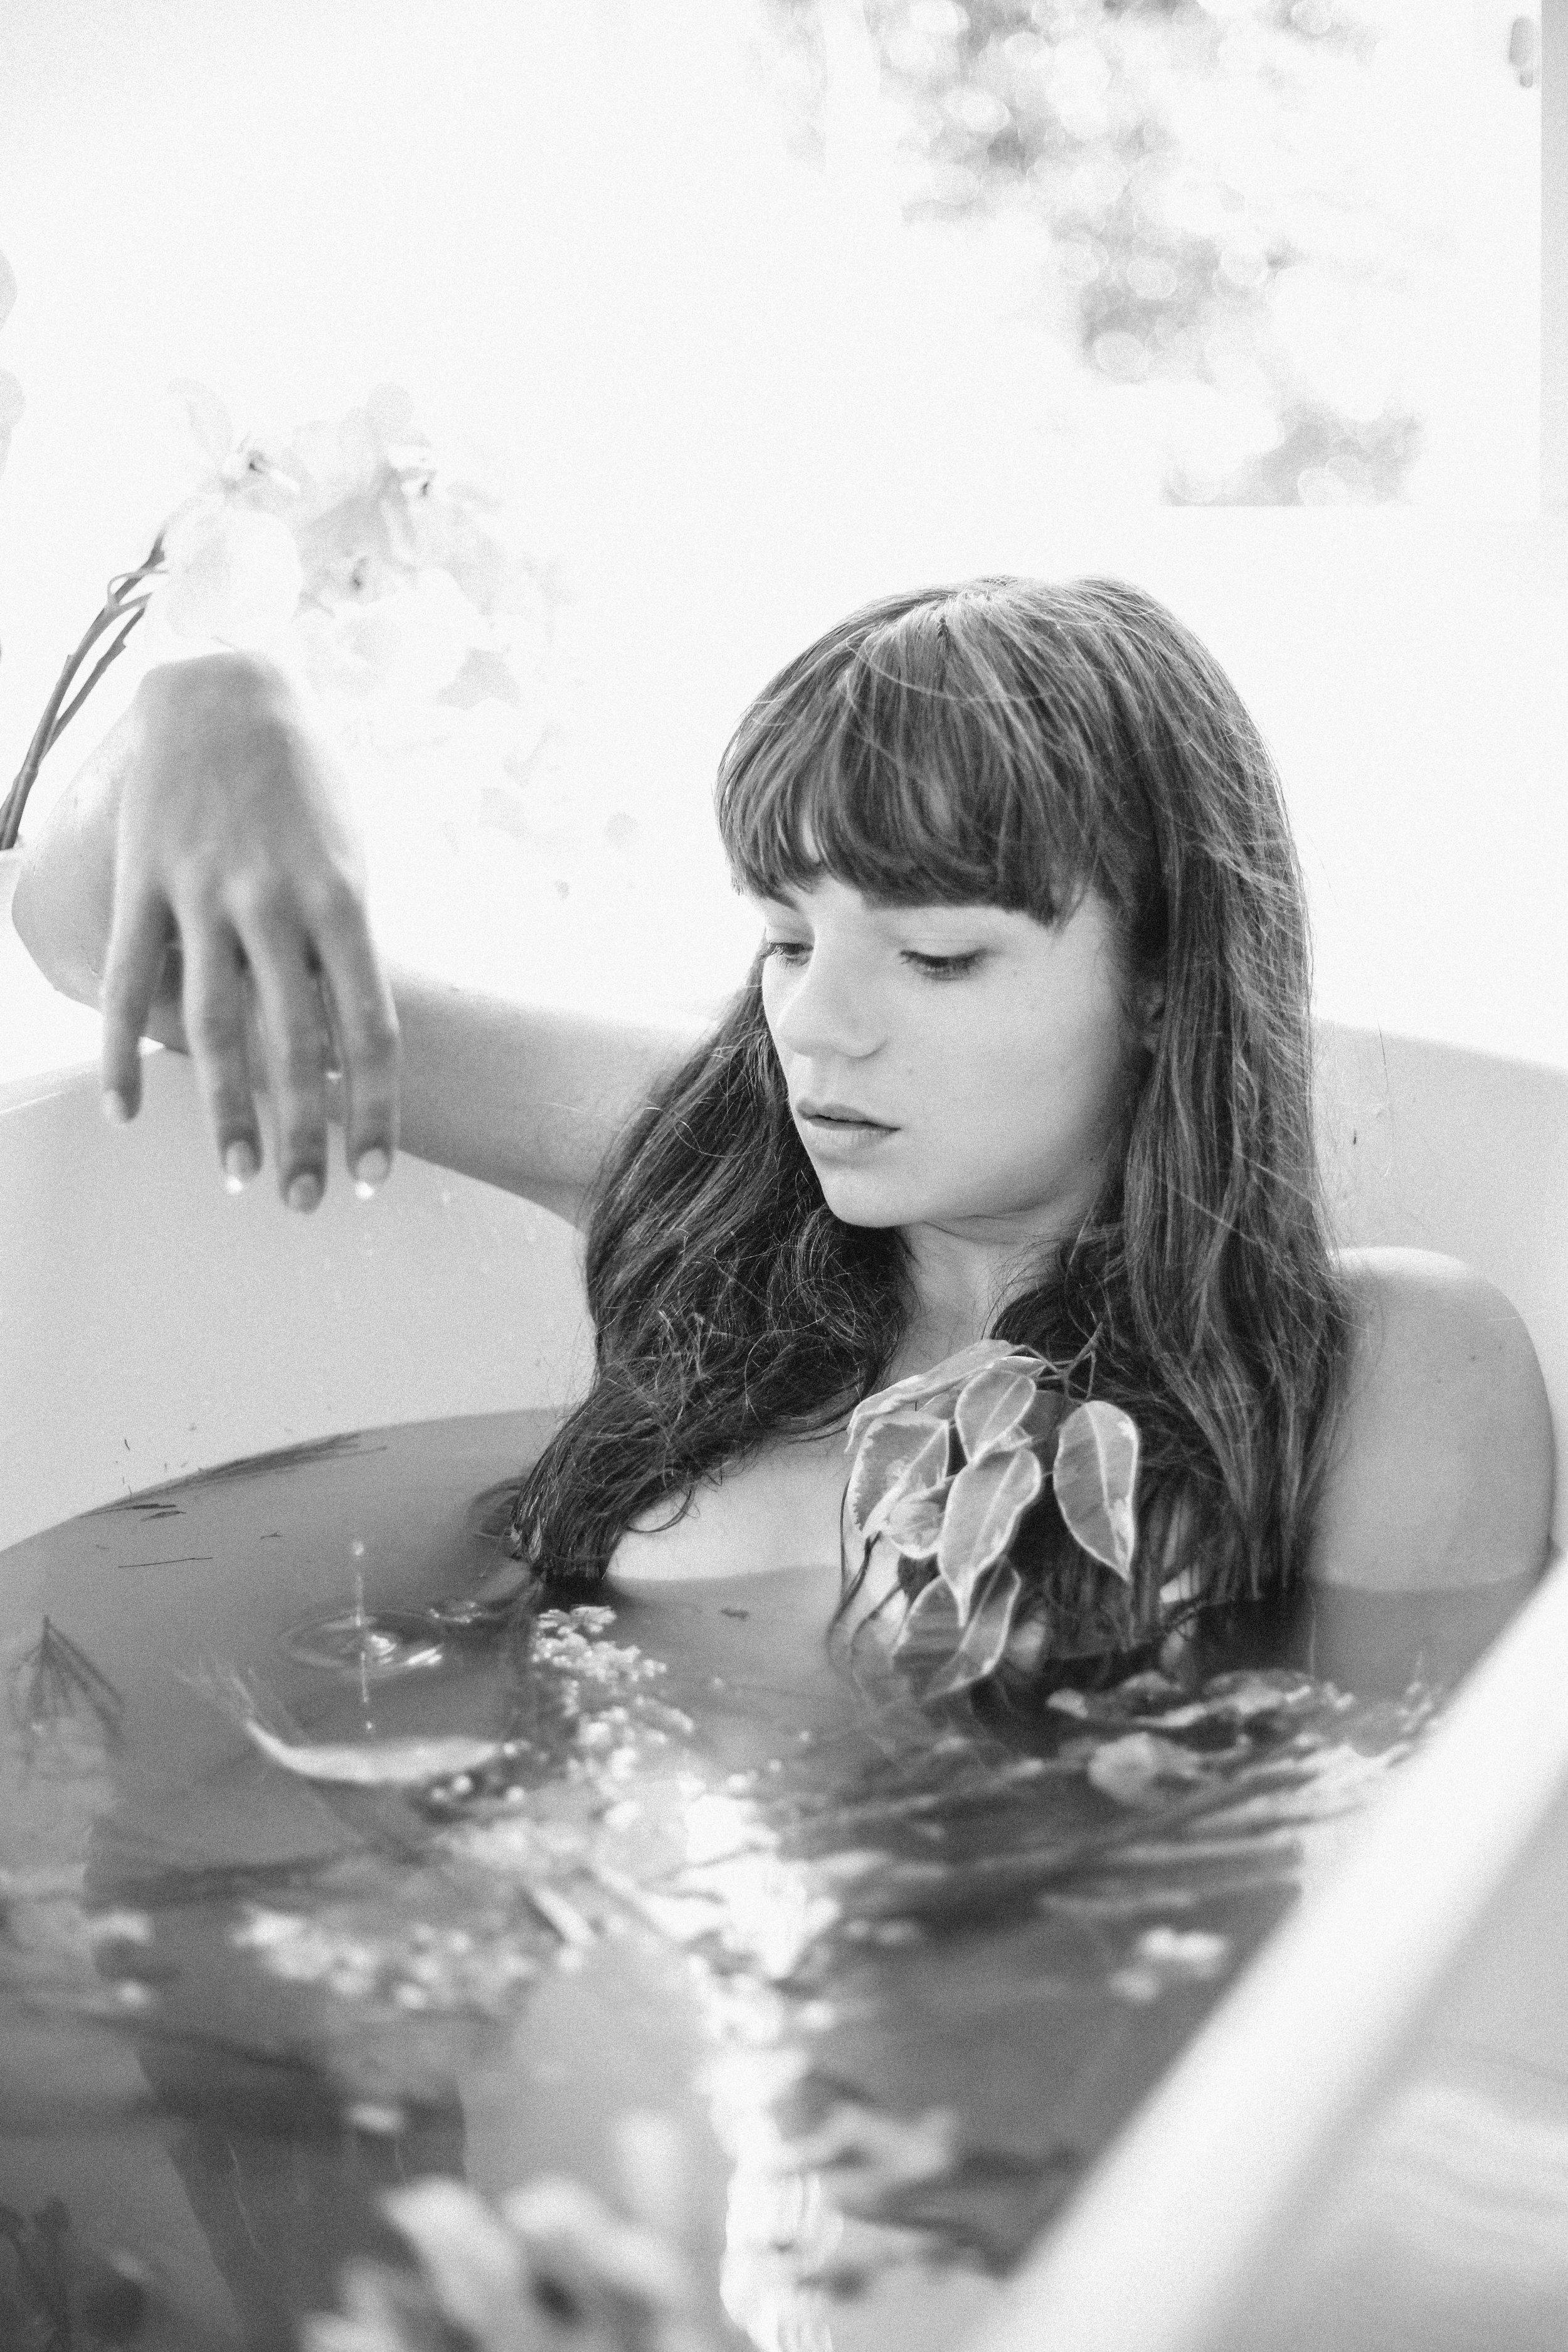 Marie Cavanna by Jessie Exsteen